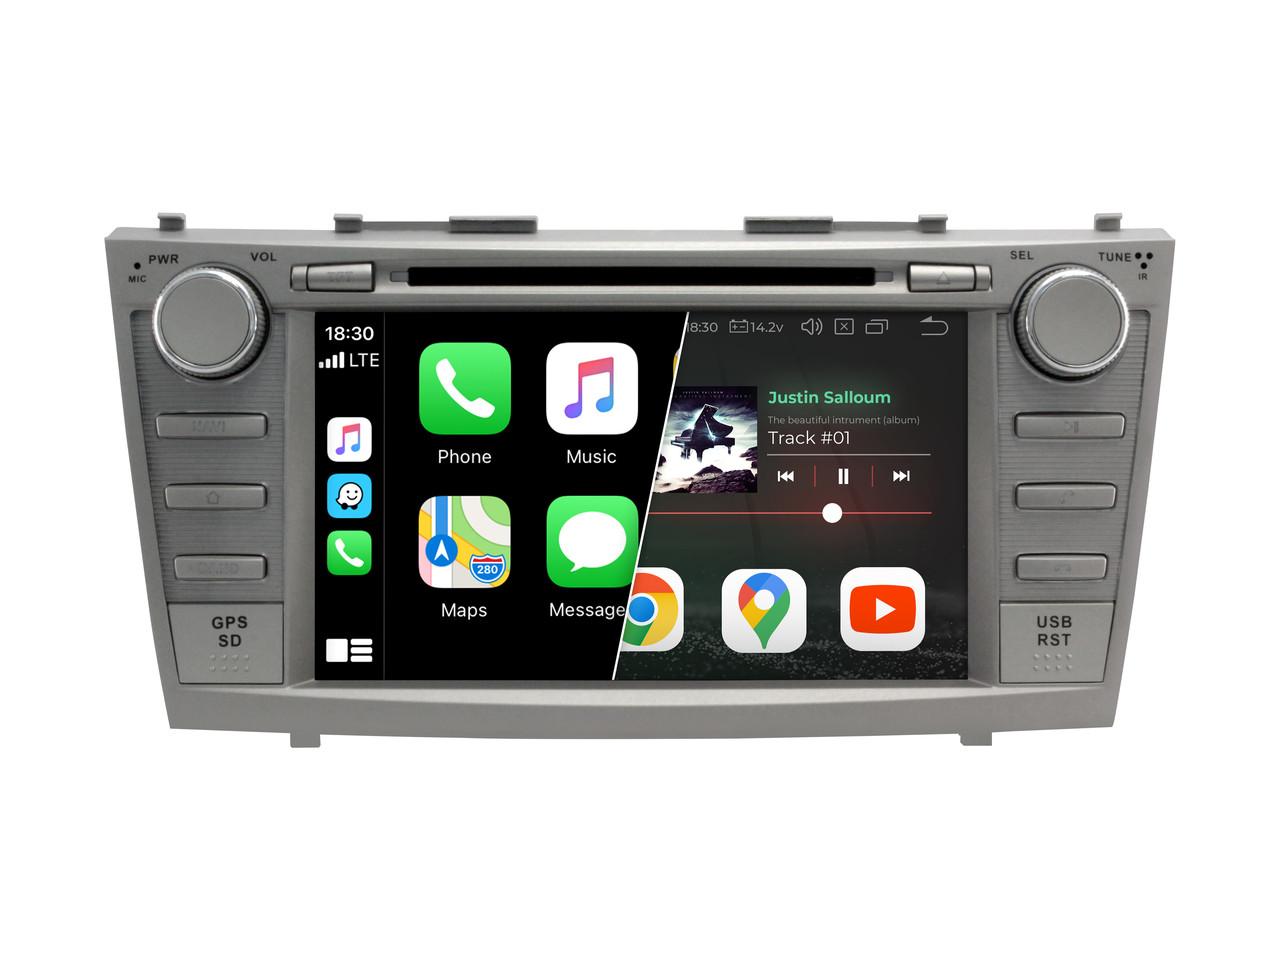 Штатний головний пристрій для Toyota Camry Gazer CM6008-V40